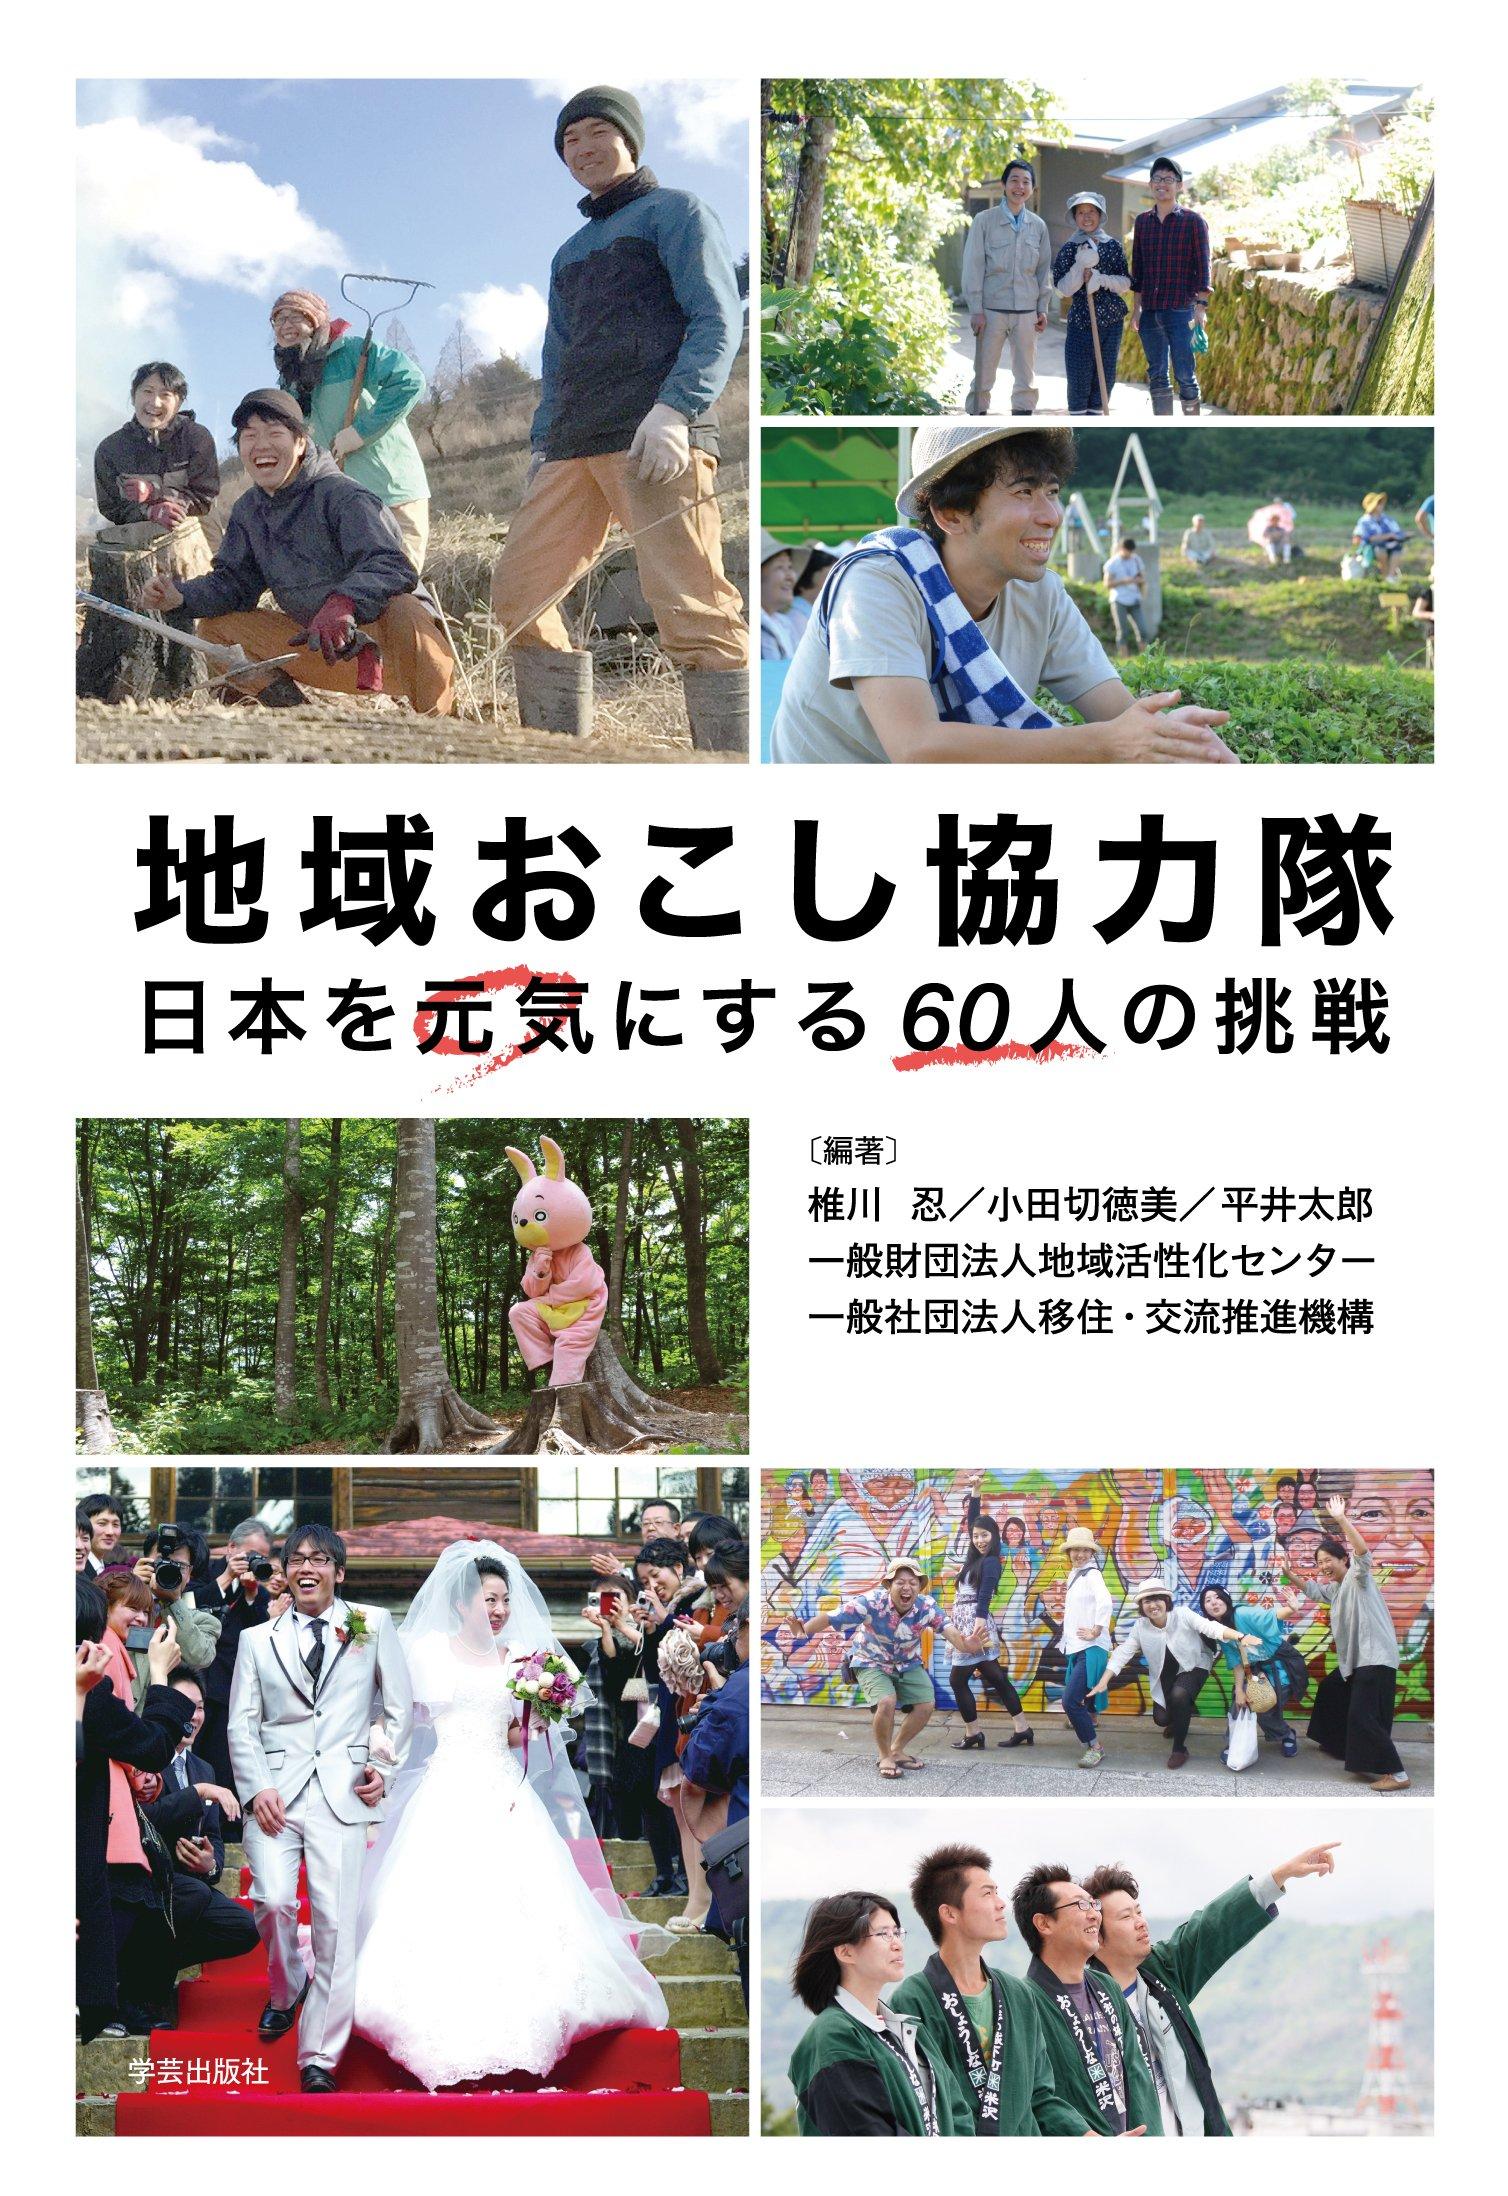 地域おこし協力隊 日本を元気にする60人の挑戦   椎川忍, 小田切徳美 ...